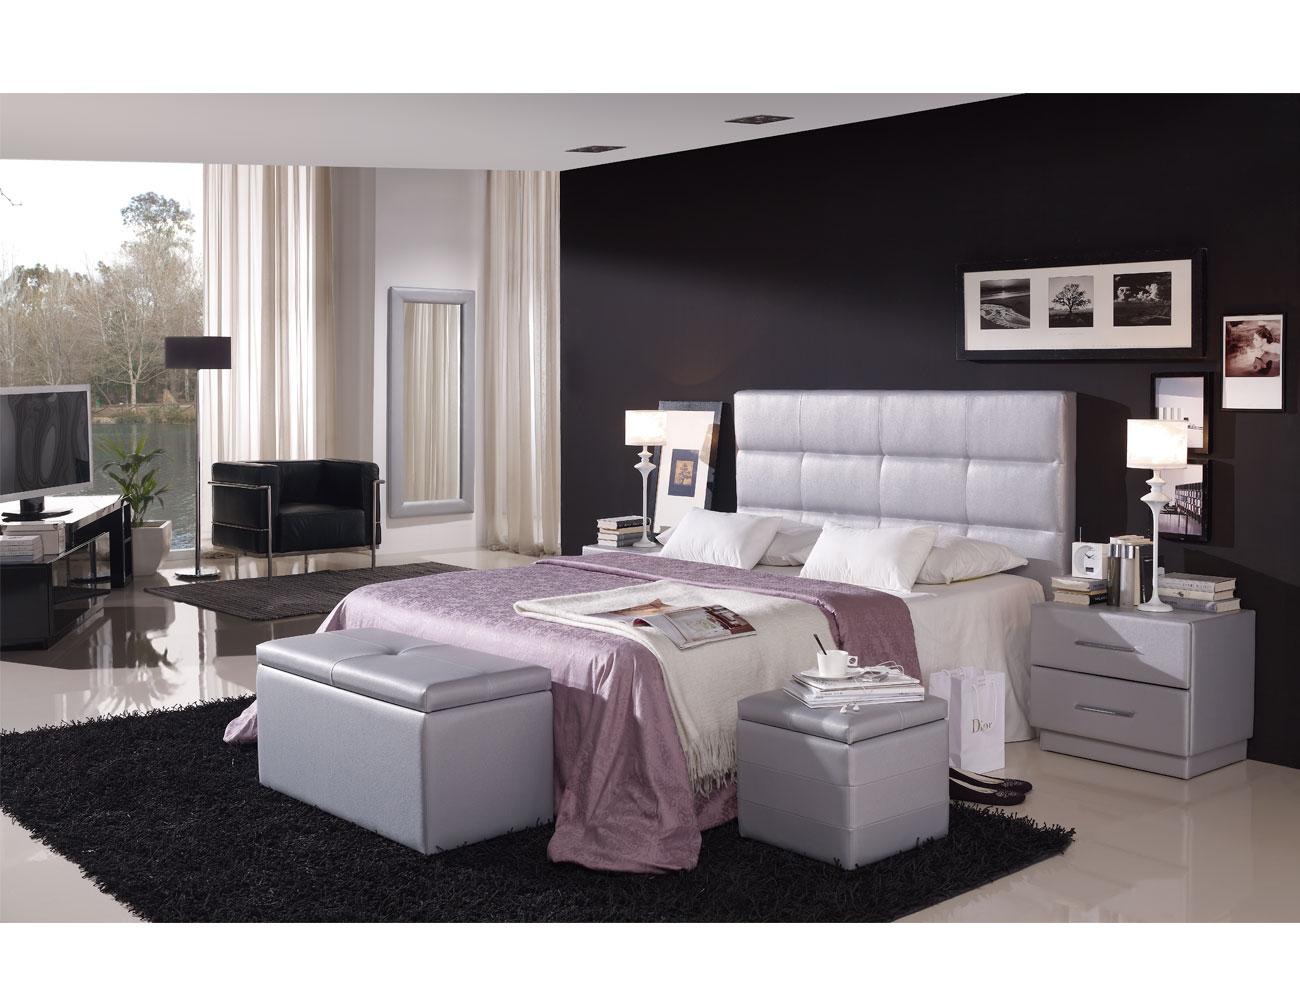 23 marco tapizado dormitorio928